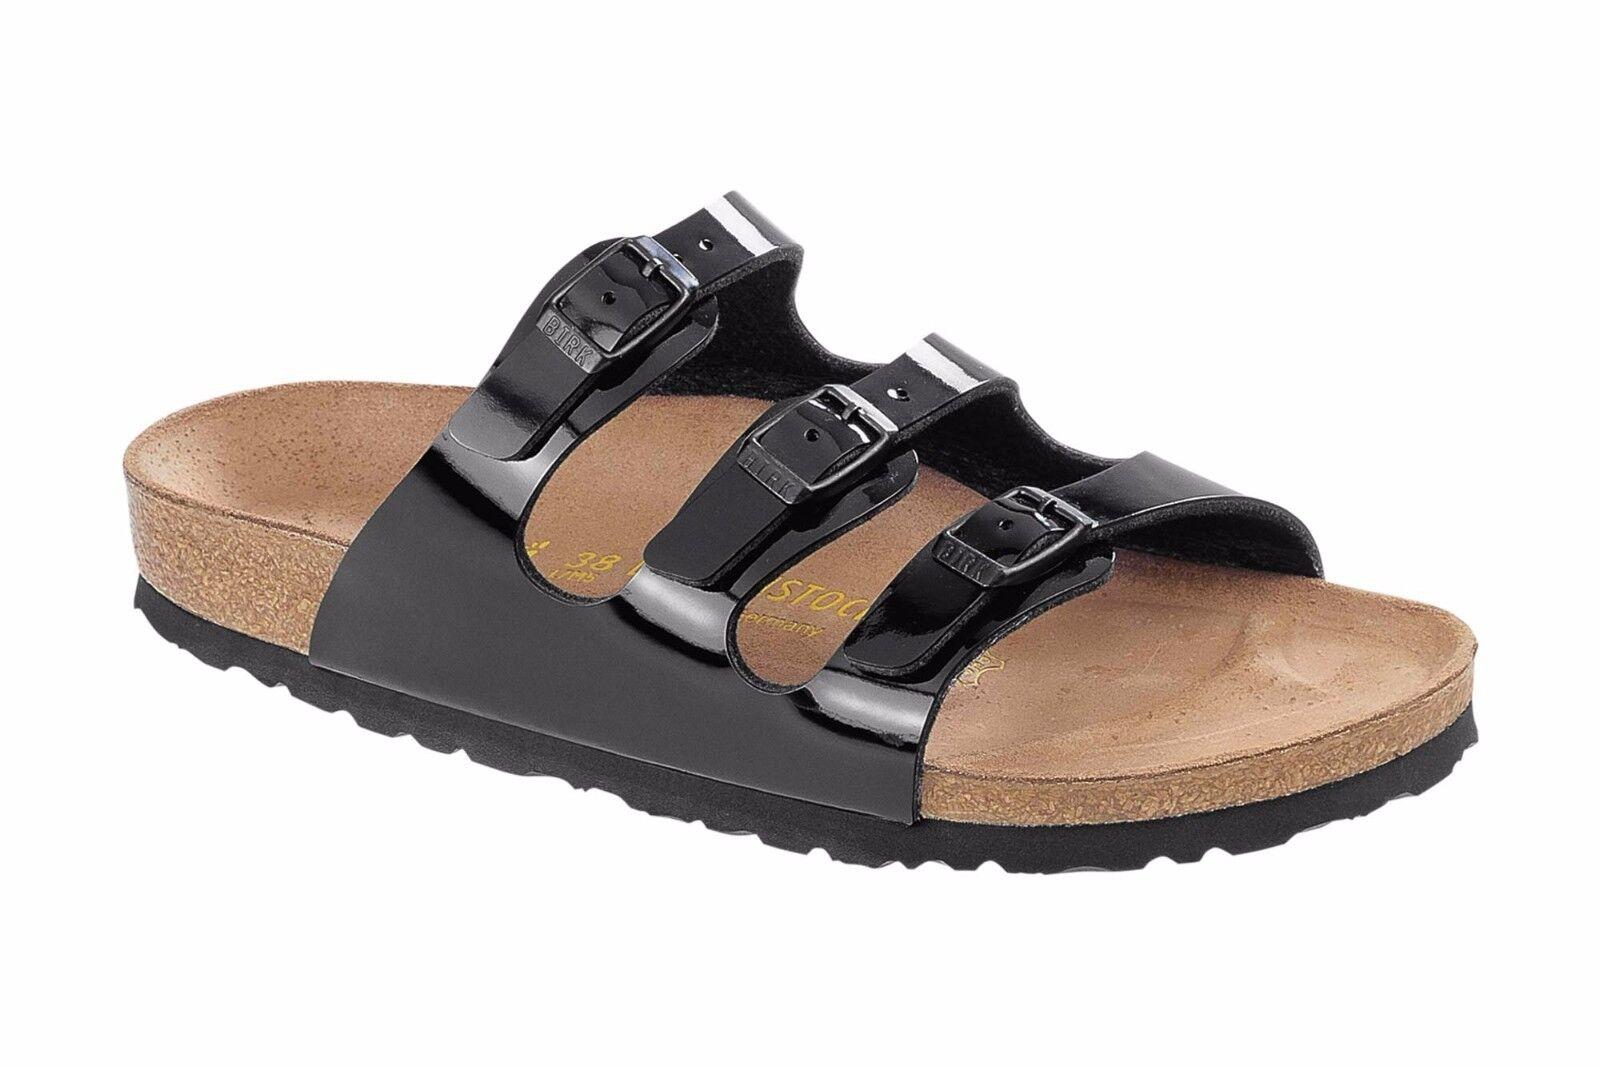 31f625bde5e Nike De Mujer FREE TR 7 904651 Zapatillas Correr Tenis Zapatos 001 ...